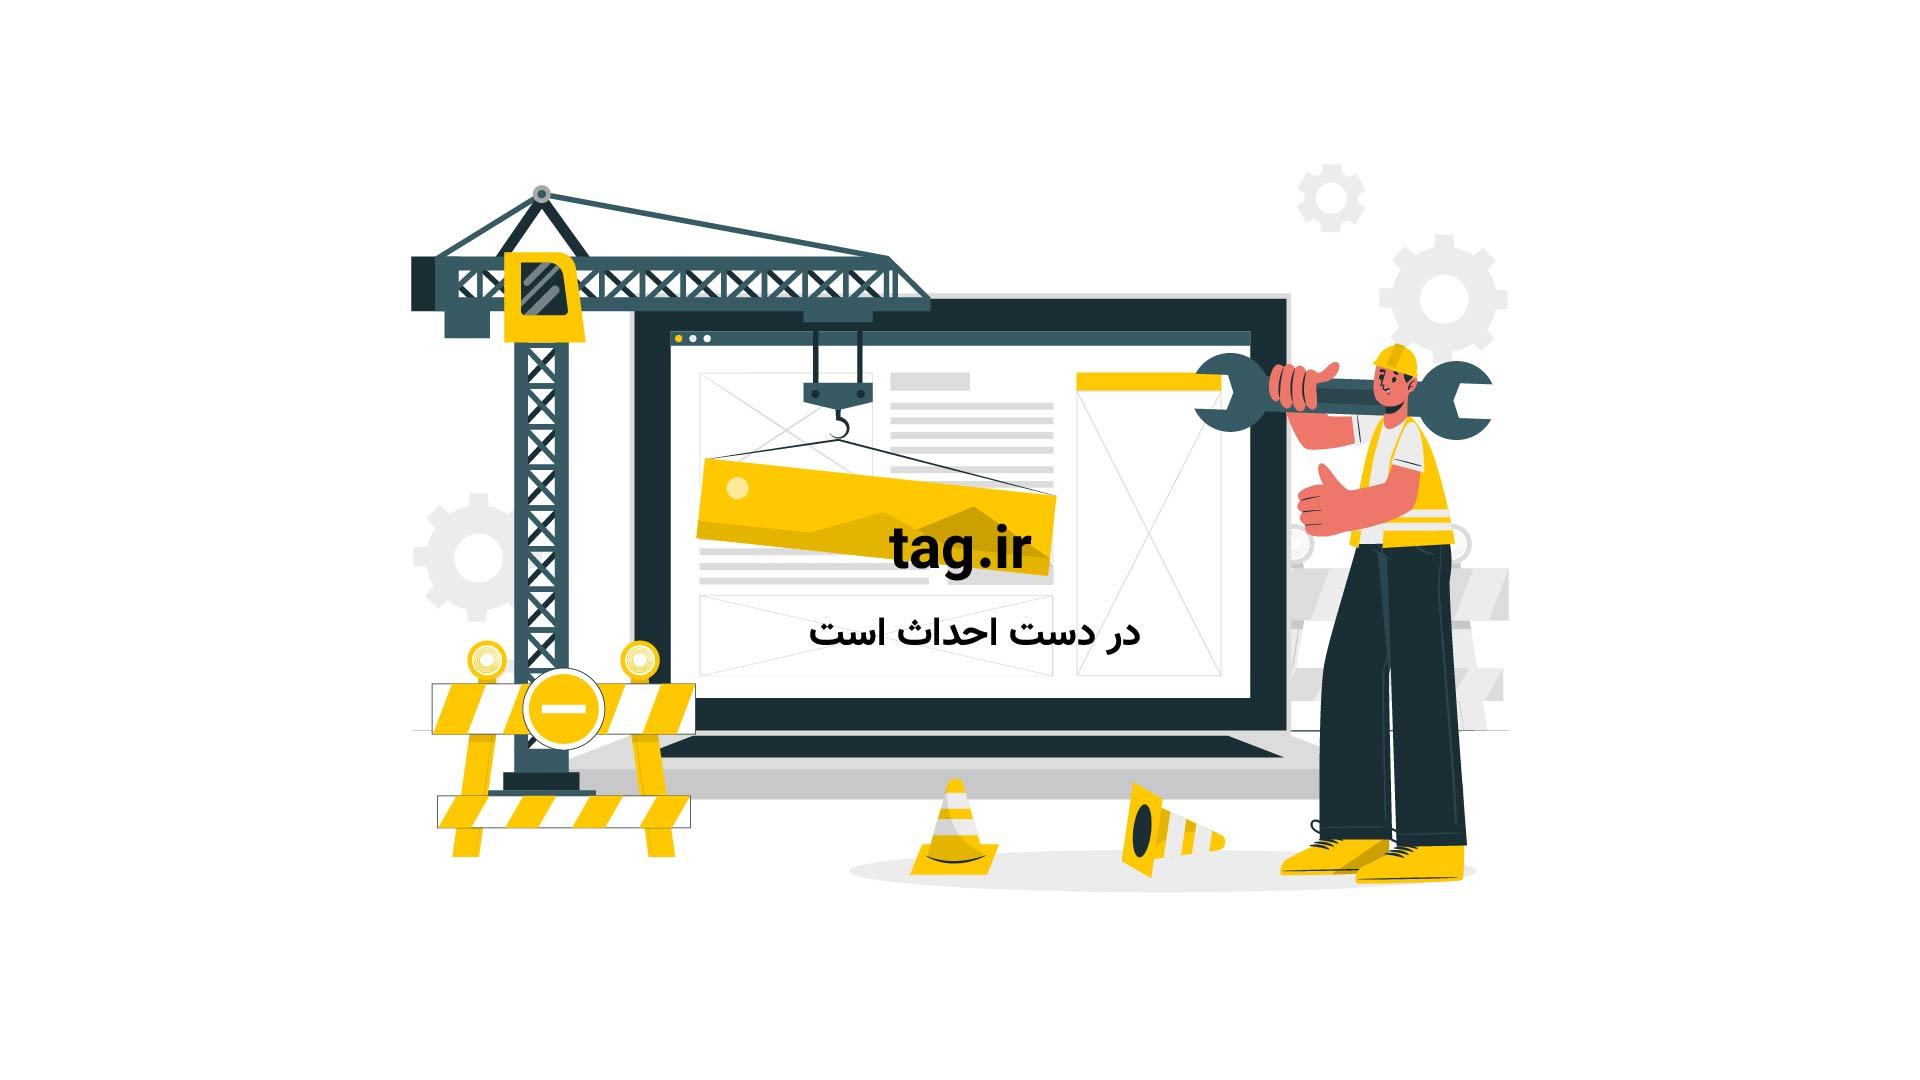 توصیه به اقدام سریعتر زائران اربعین برای تهیه بلیت قطار   فیلم